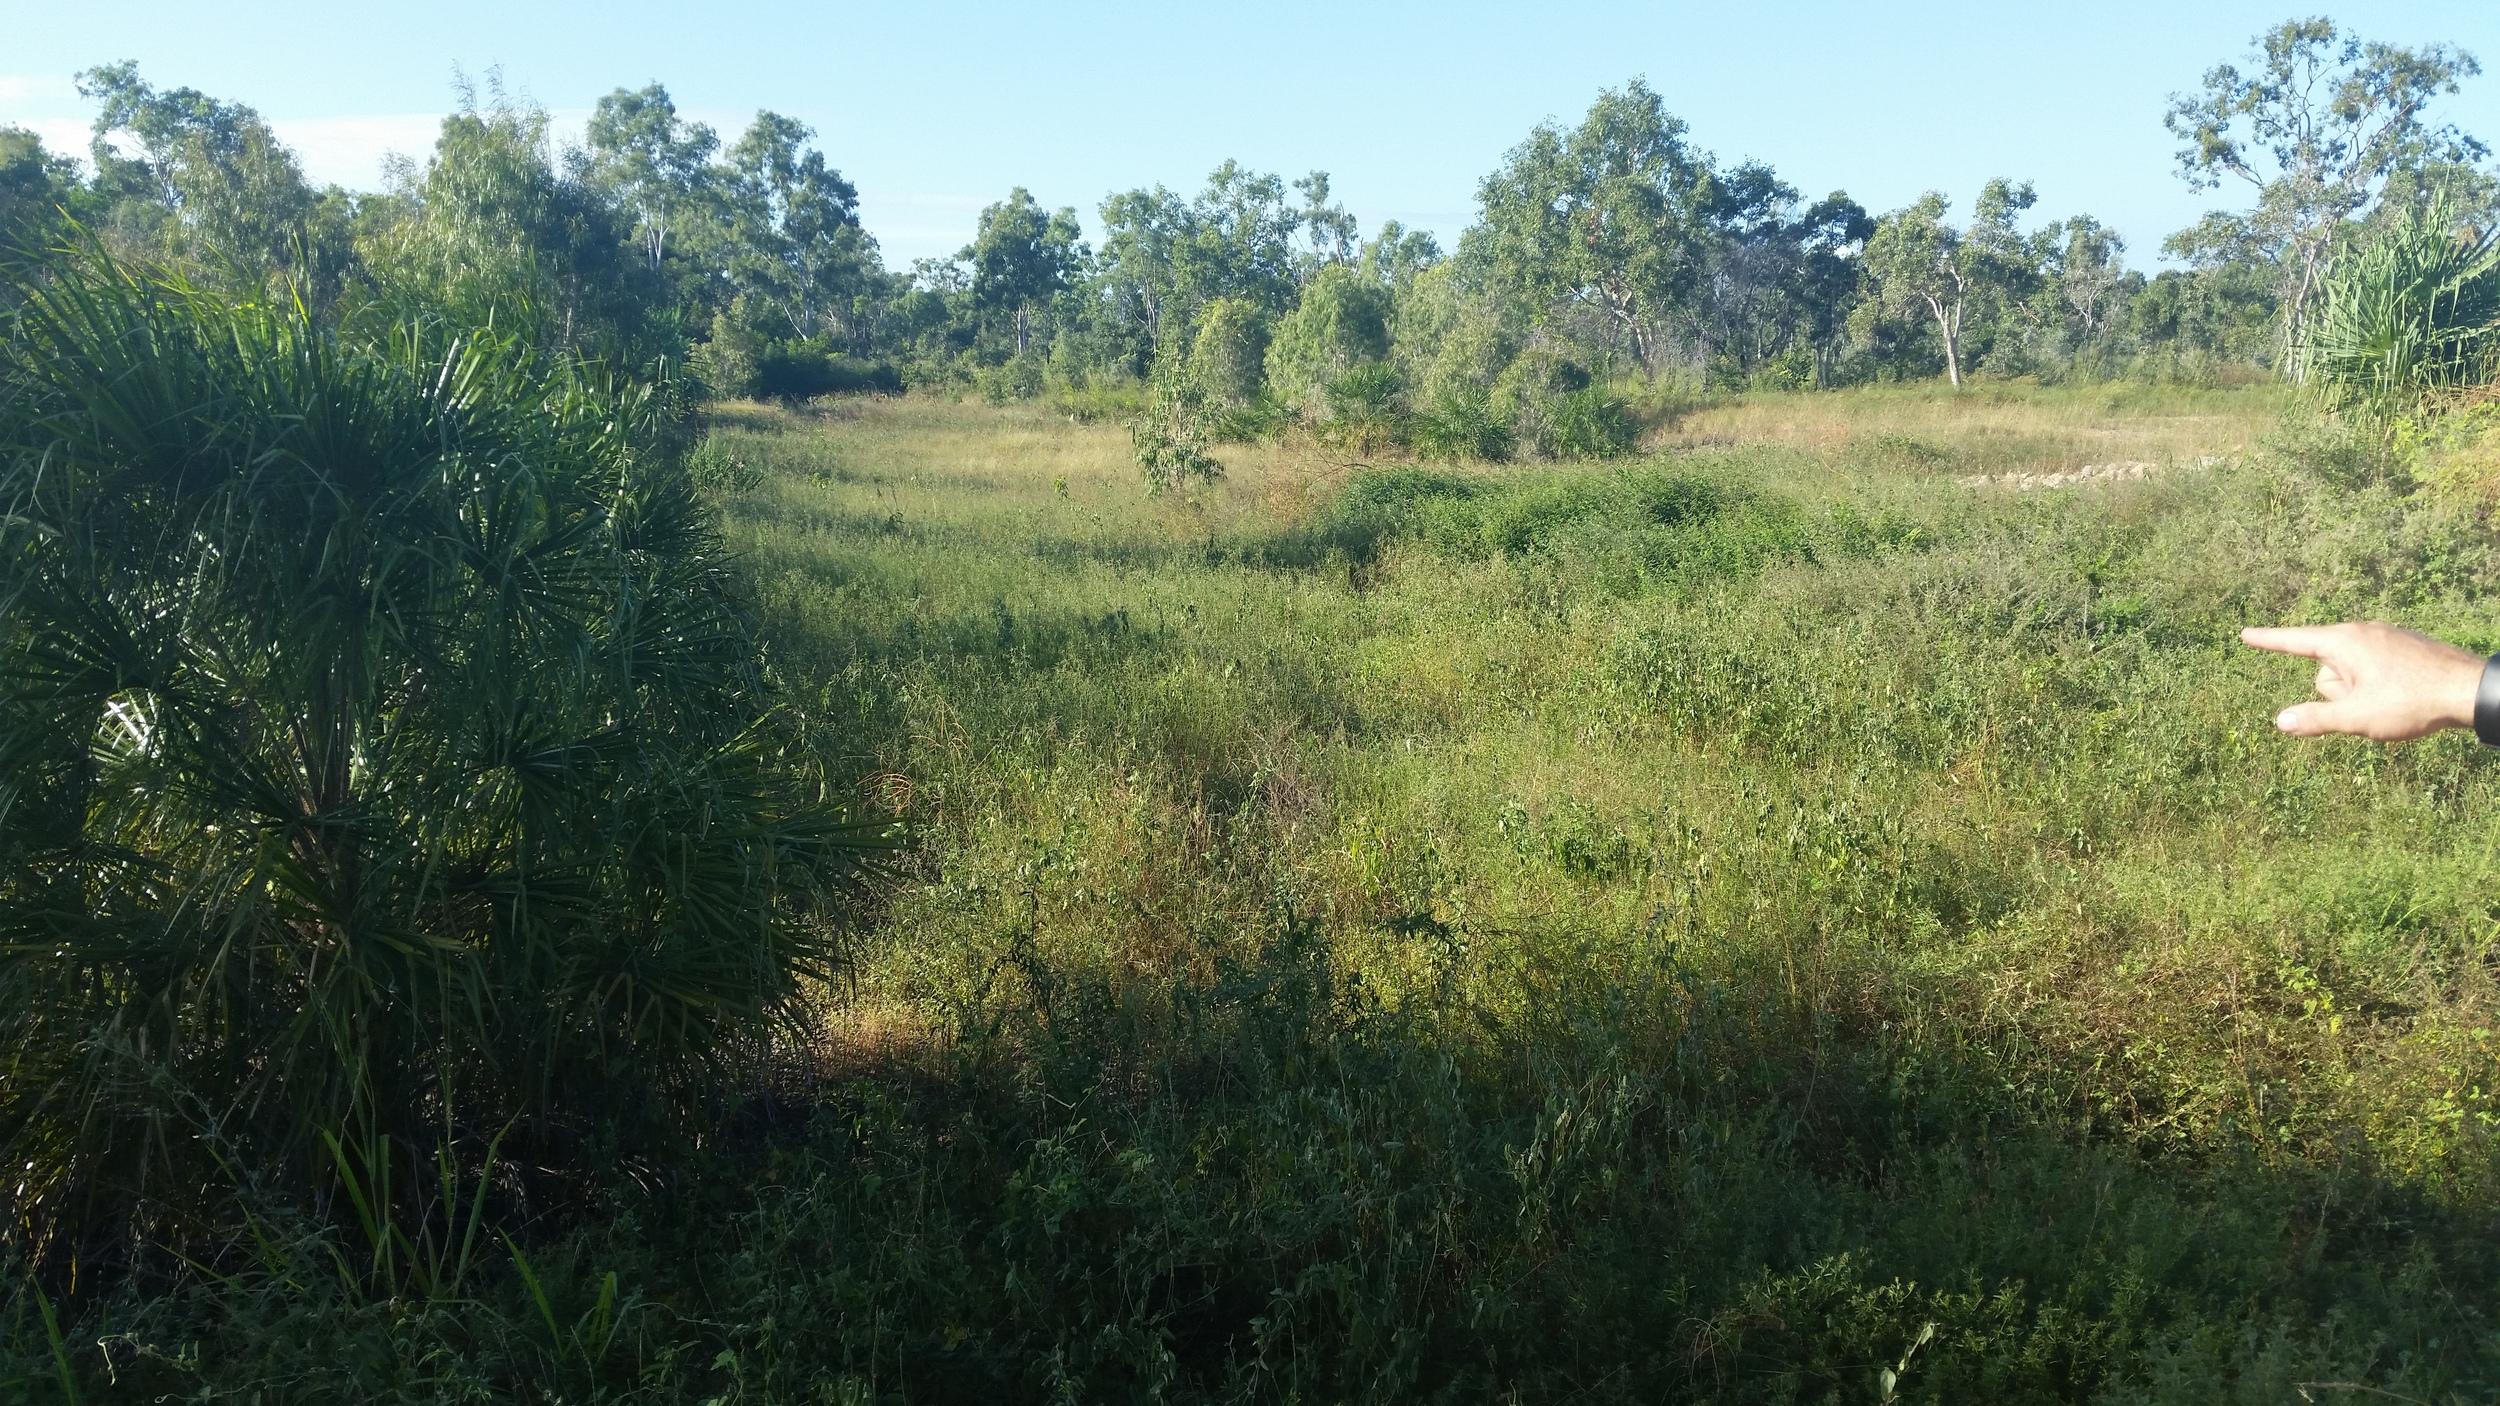 Ashmore Crescent Bioretention System